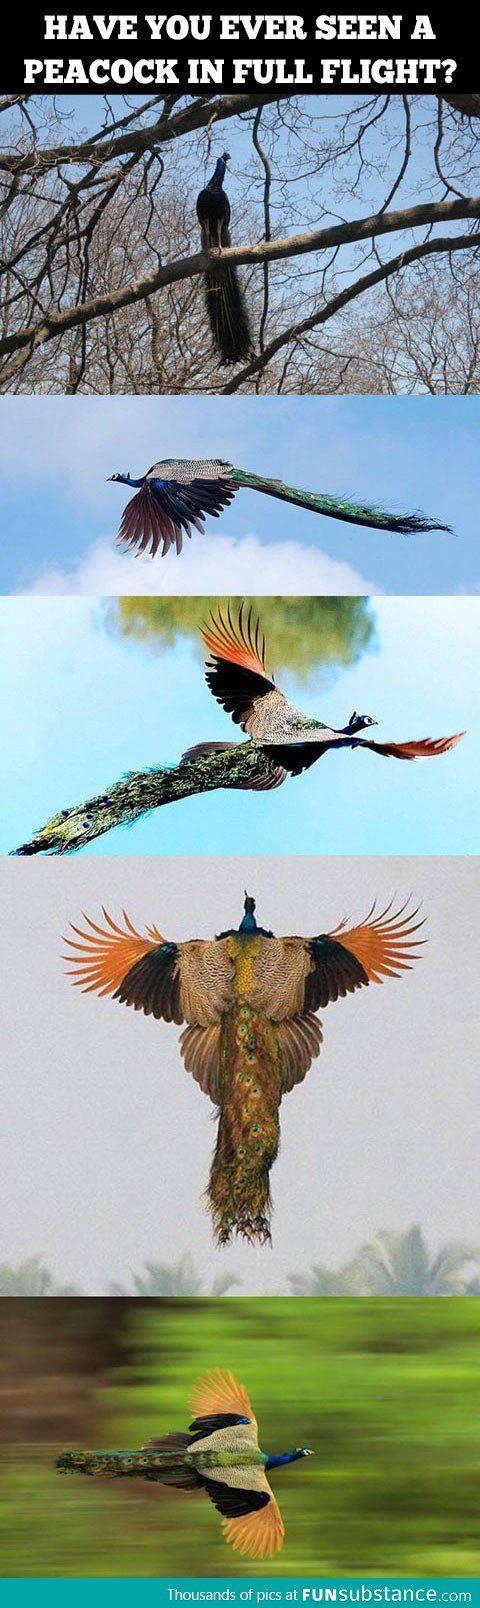 I had no idea they could even fly... Whoa